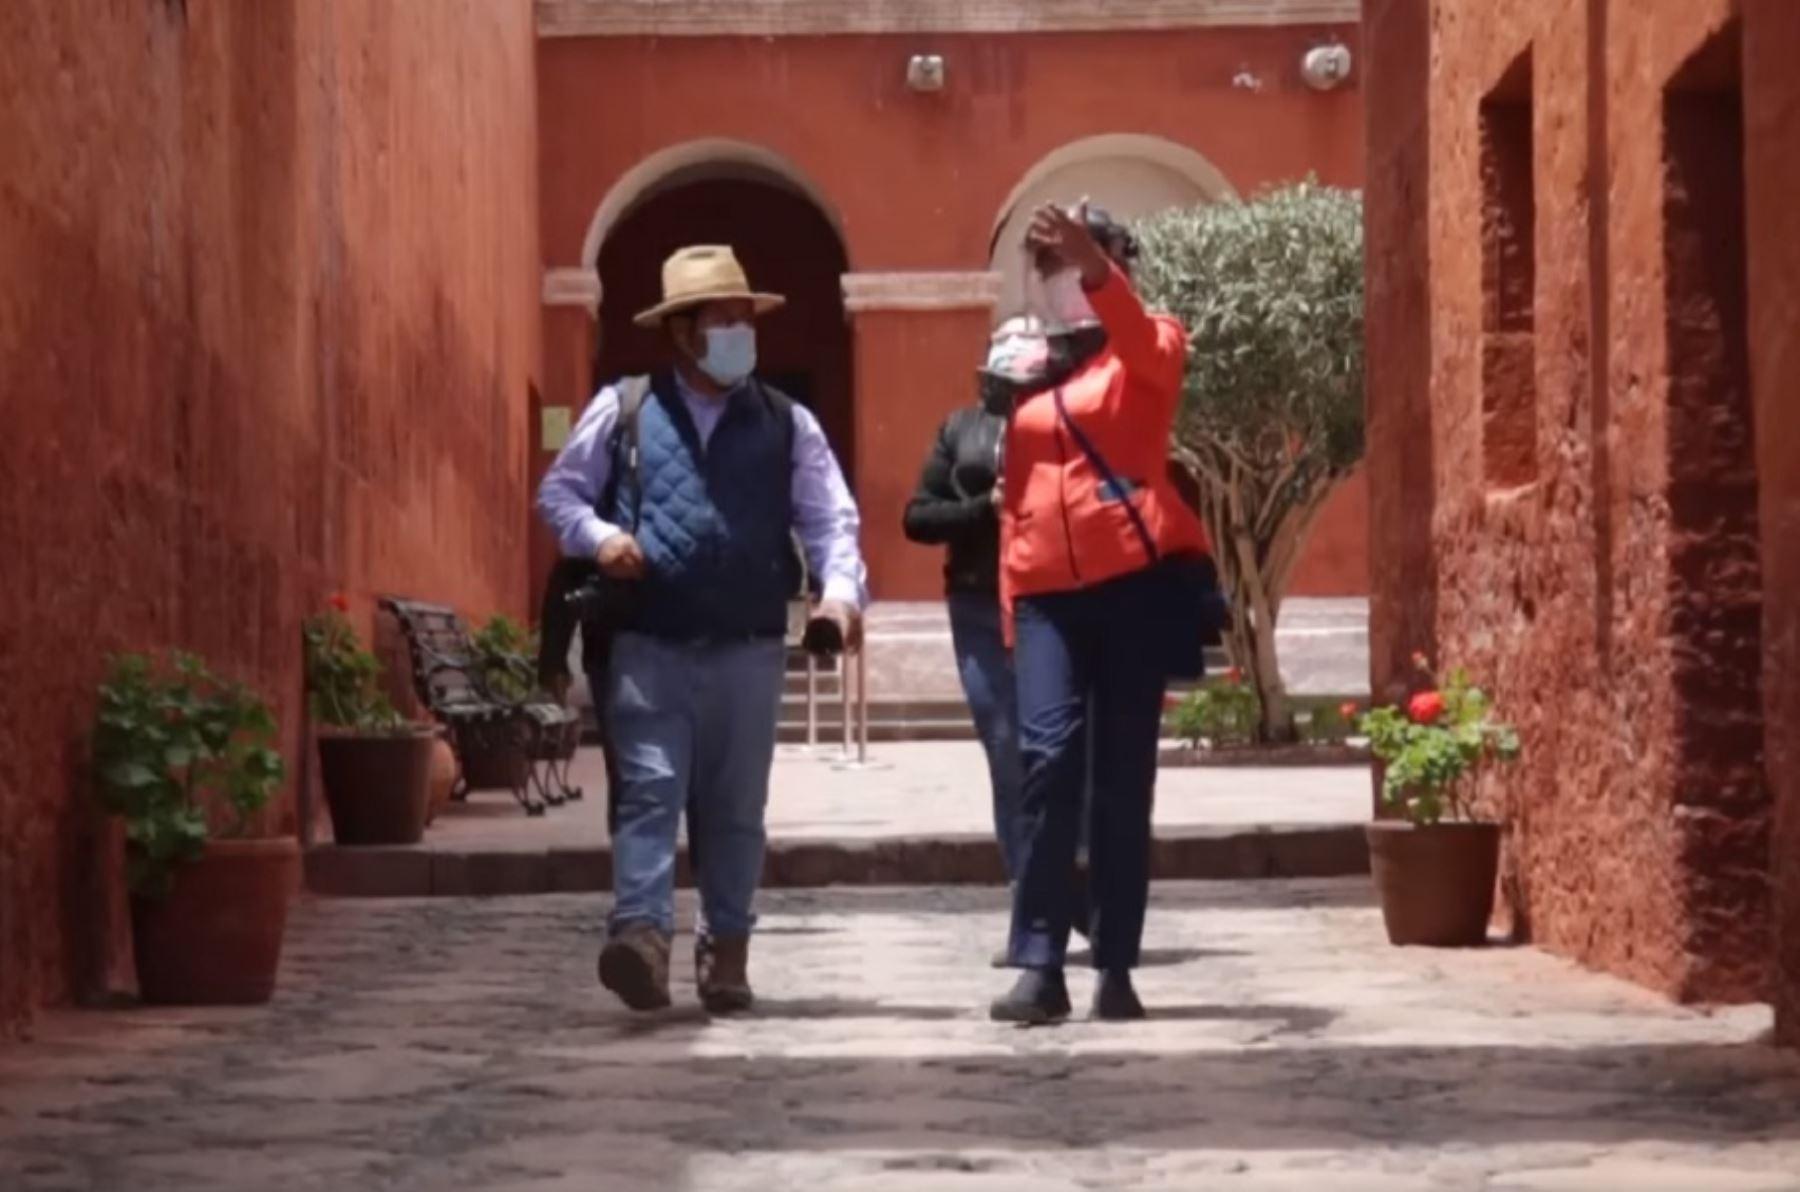 Monasterio de Santa Catalina, en la ciudad de Arequipa, reabre sus puertas al turismo. Foto: Facebook/Monasterio de Santa Catalina